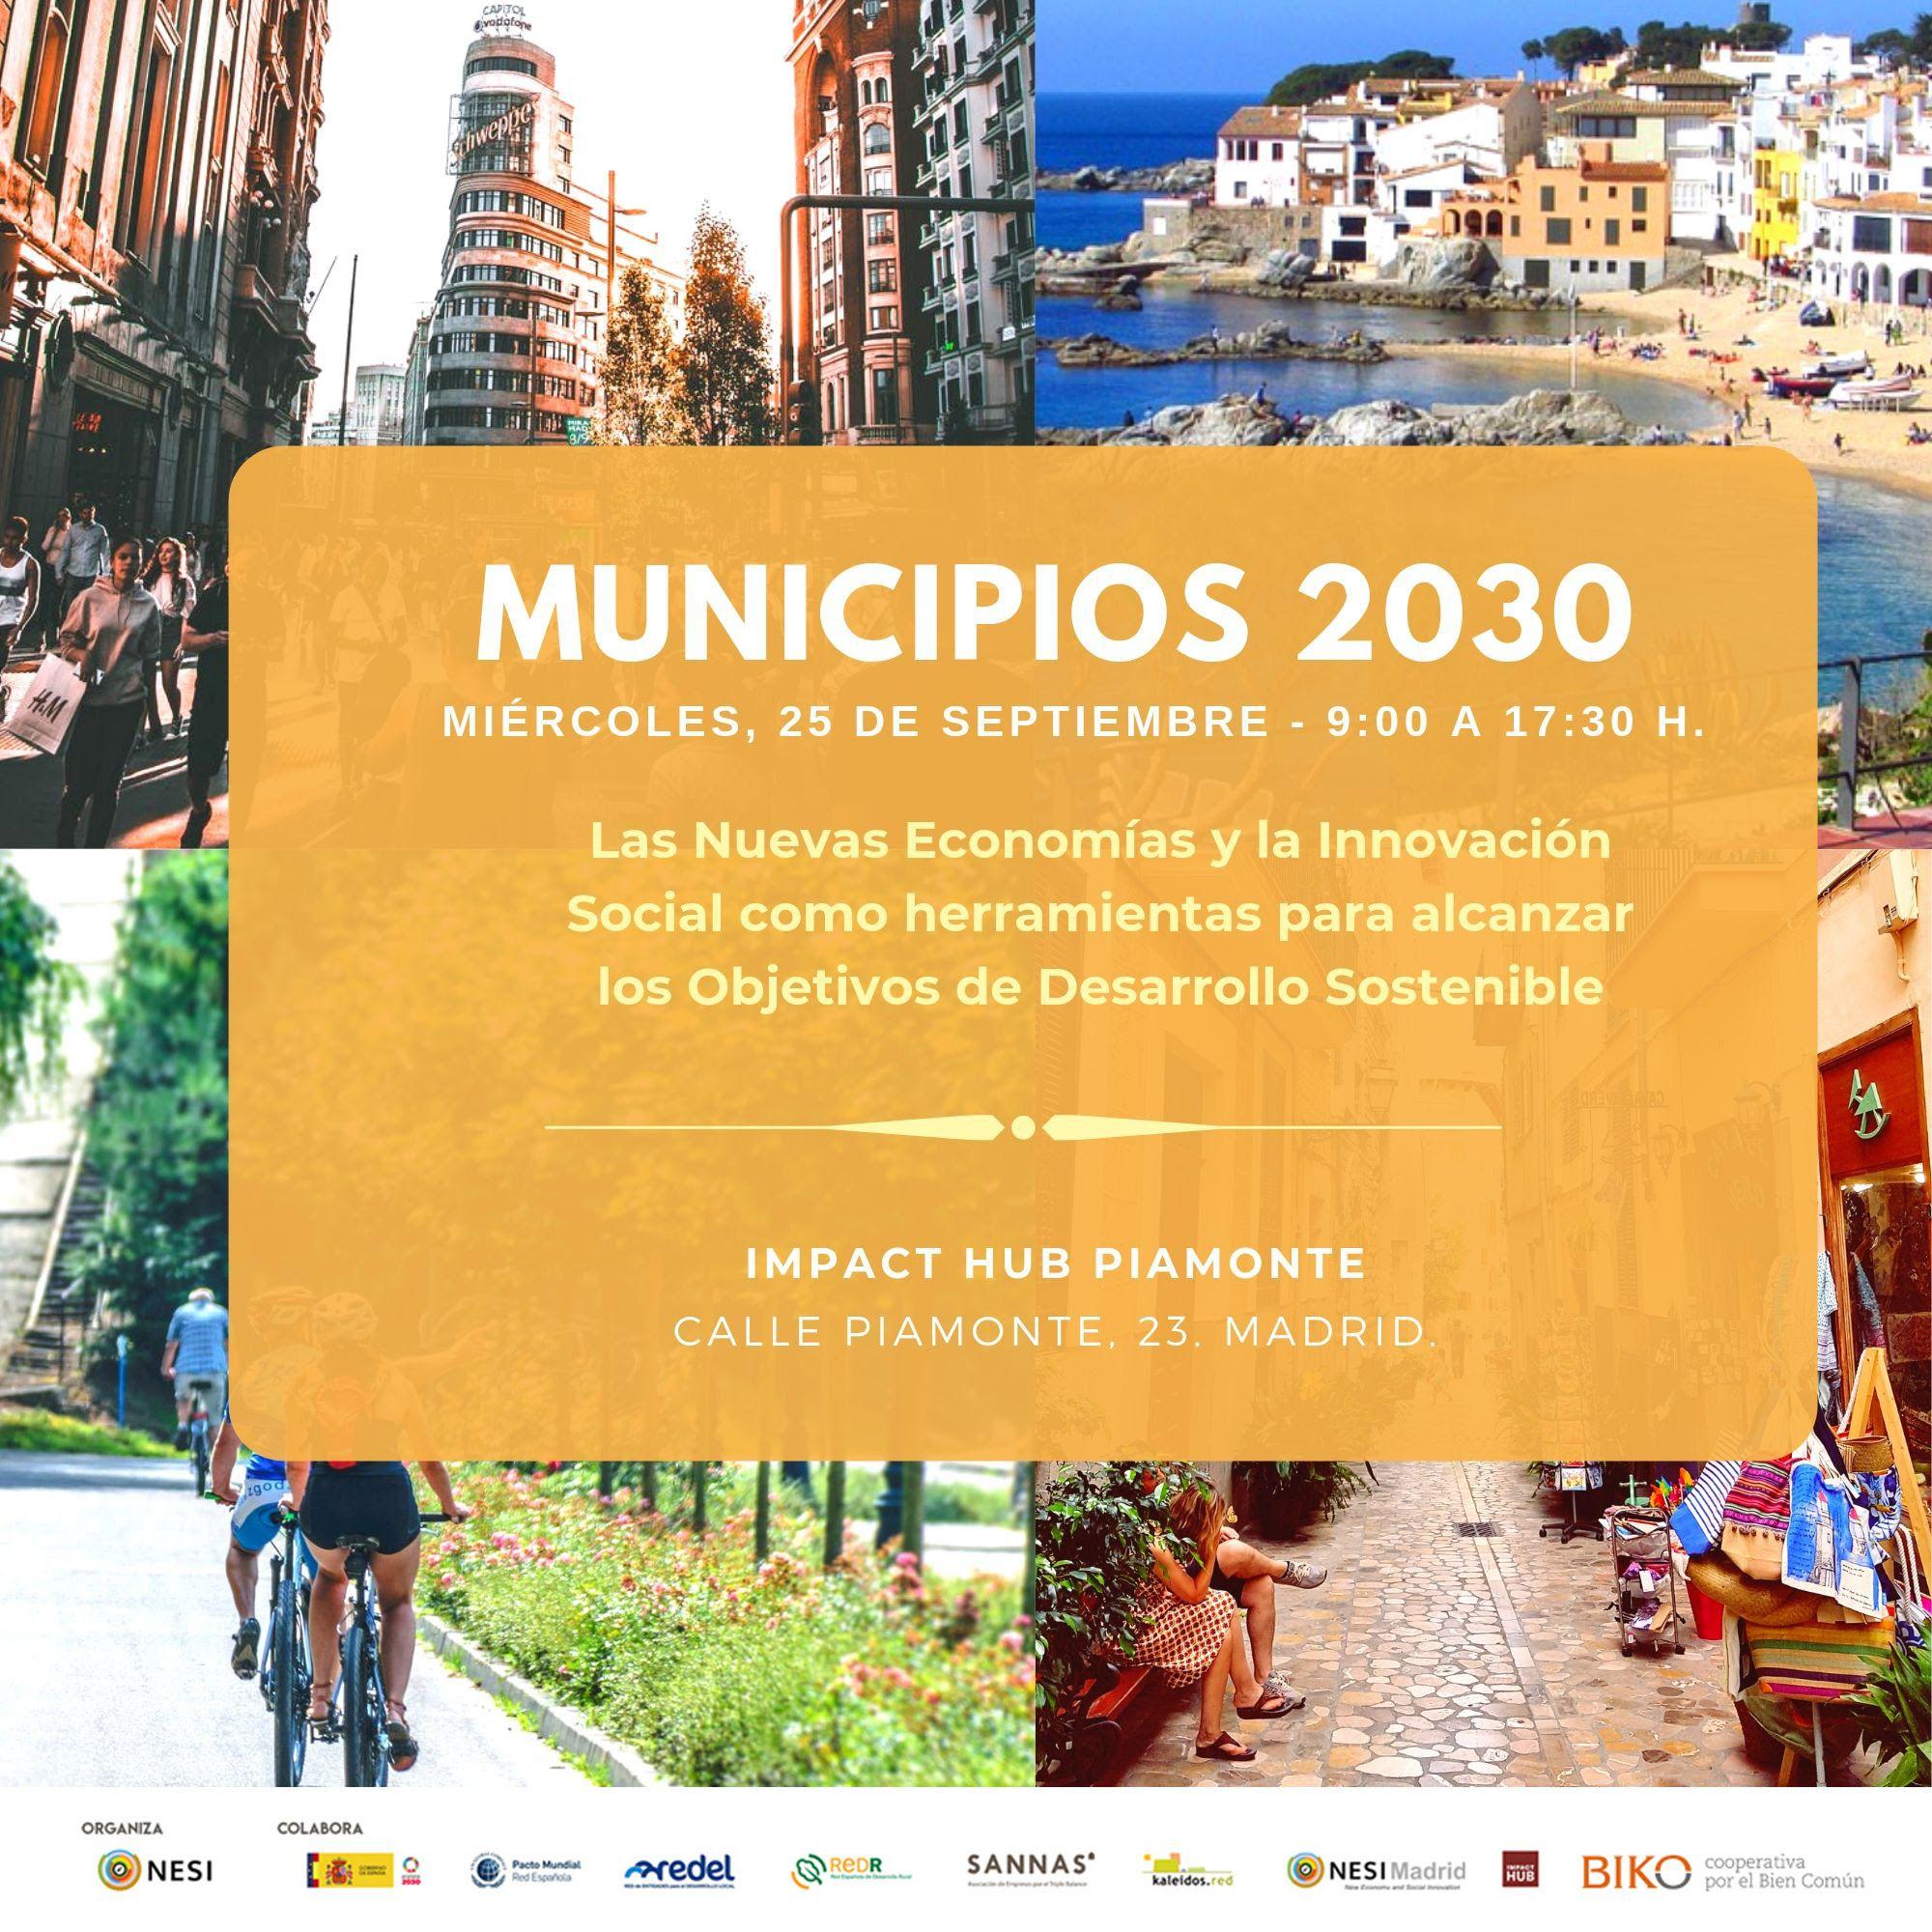 Fotografia '#Municipios2030'